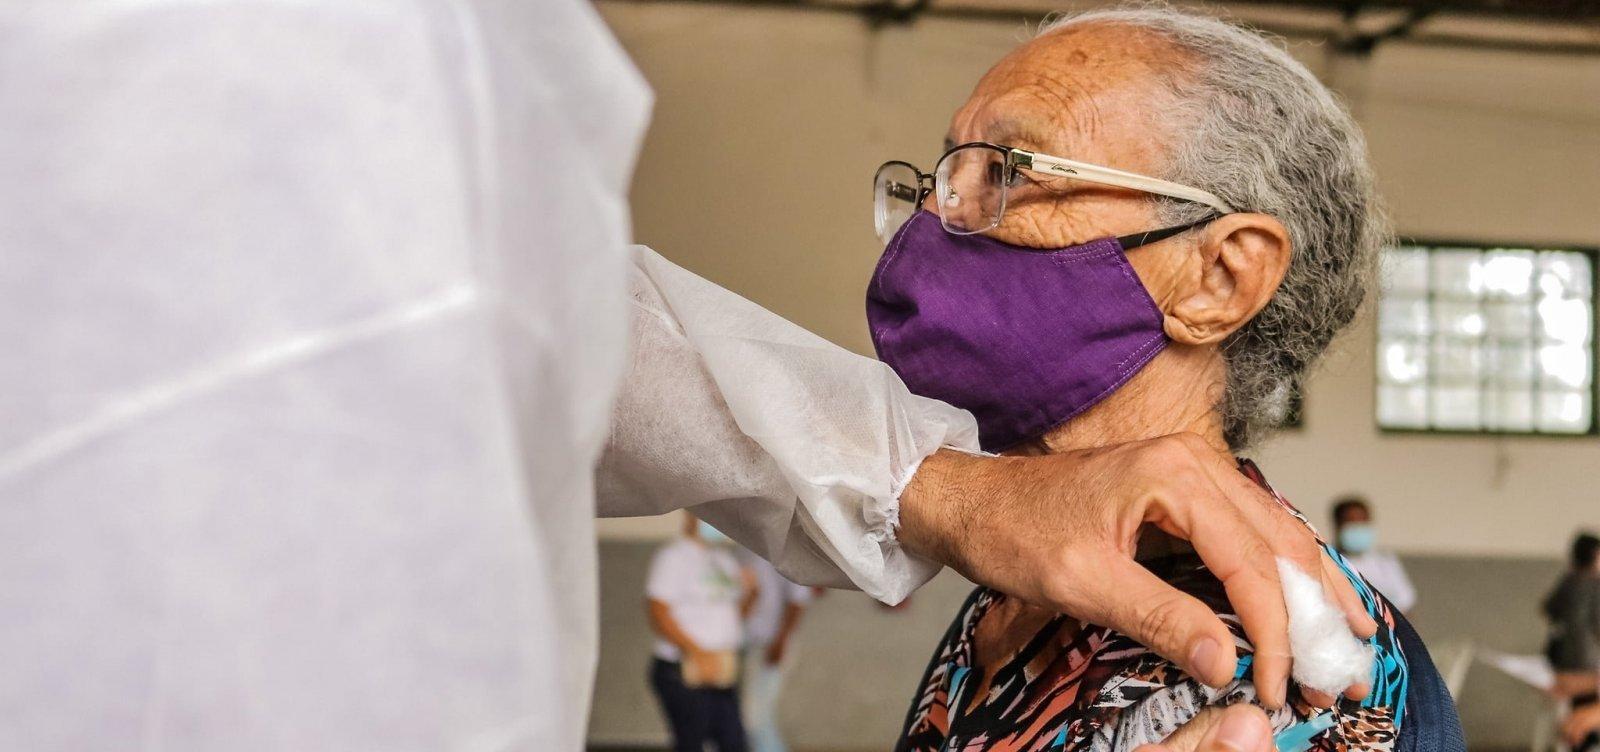 [Covid-19: Vacinação para idosos com 75 anos em Salvador começará nesta segunda; confira cronograma ]